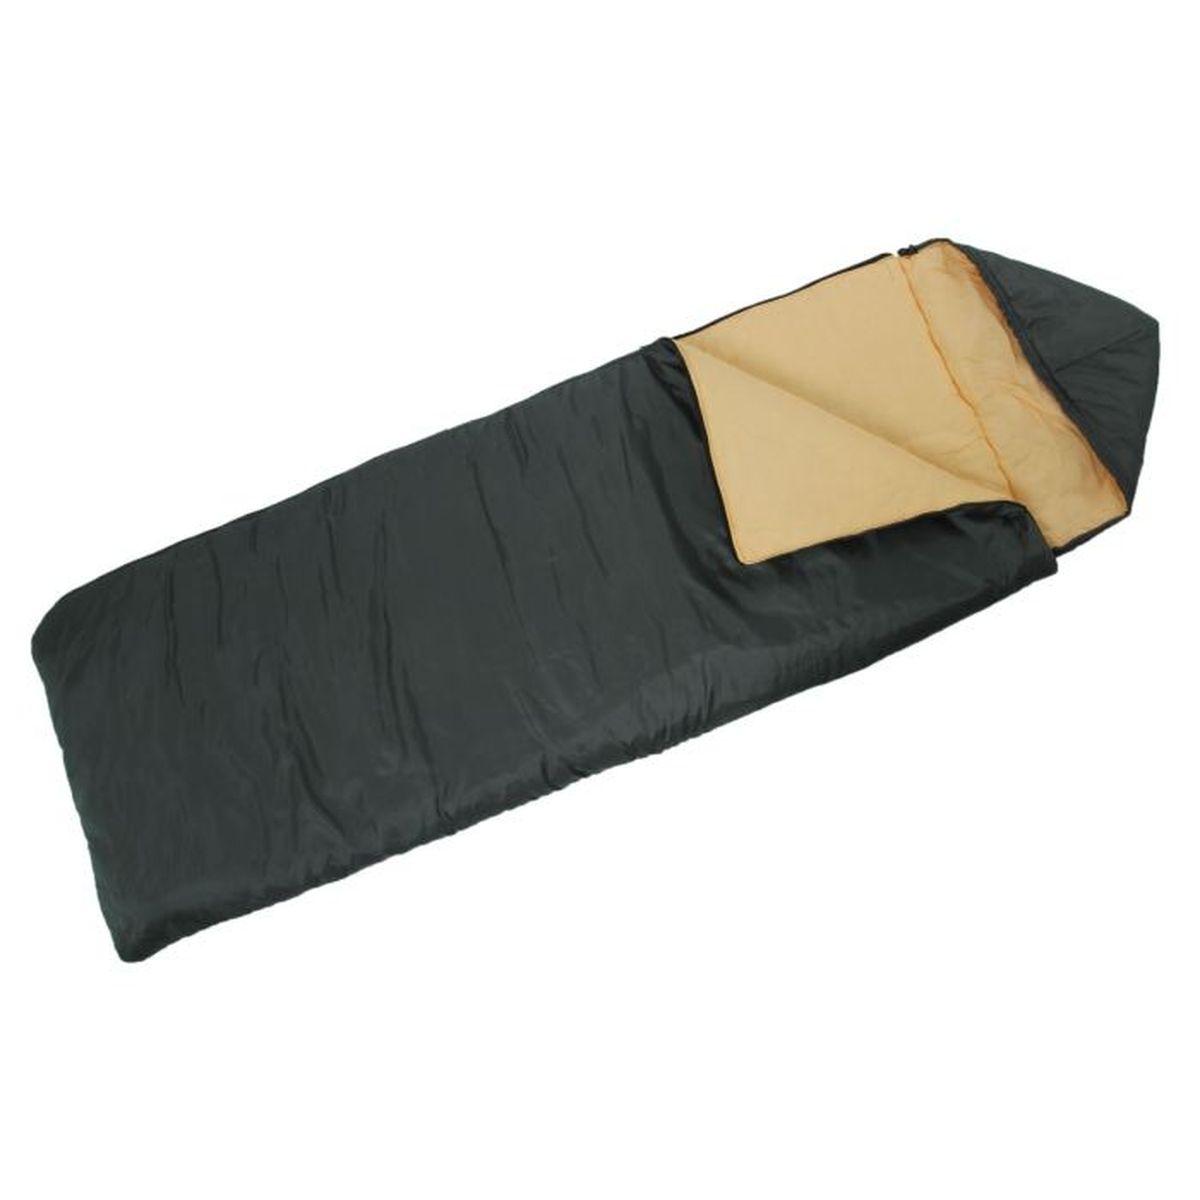 Спальный мешок Onlitop Престиж, цвет: черный, бежевый, правосторонняя молния. 13440291344029Комфортный, просторный и очень теплый 3-х сезонный спальник предназначен для походов и для отдыха на природе не только в летнее время, но и в прохладные дни весенне-осеннего периода. В теплое время спальный мешок можно использовать как одеяло (в том числе и дома).